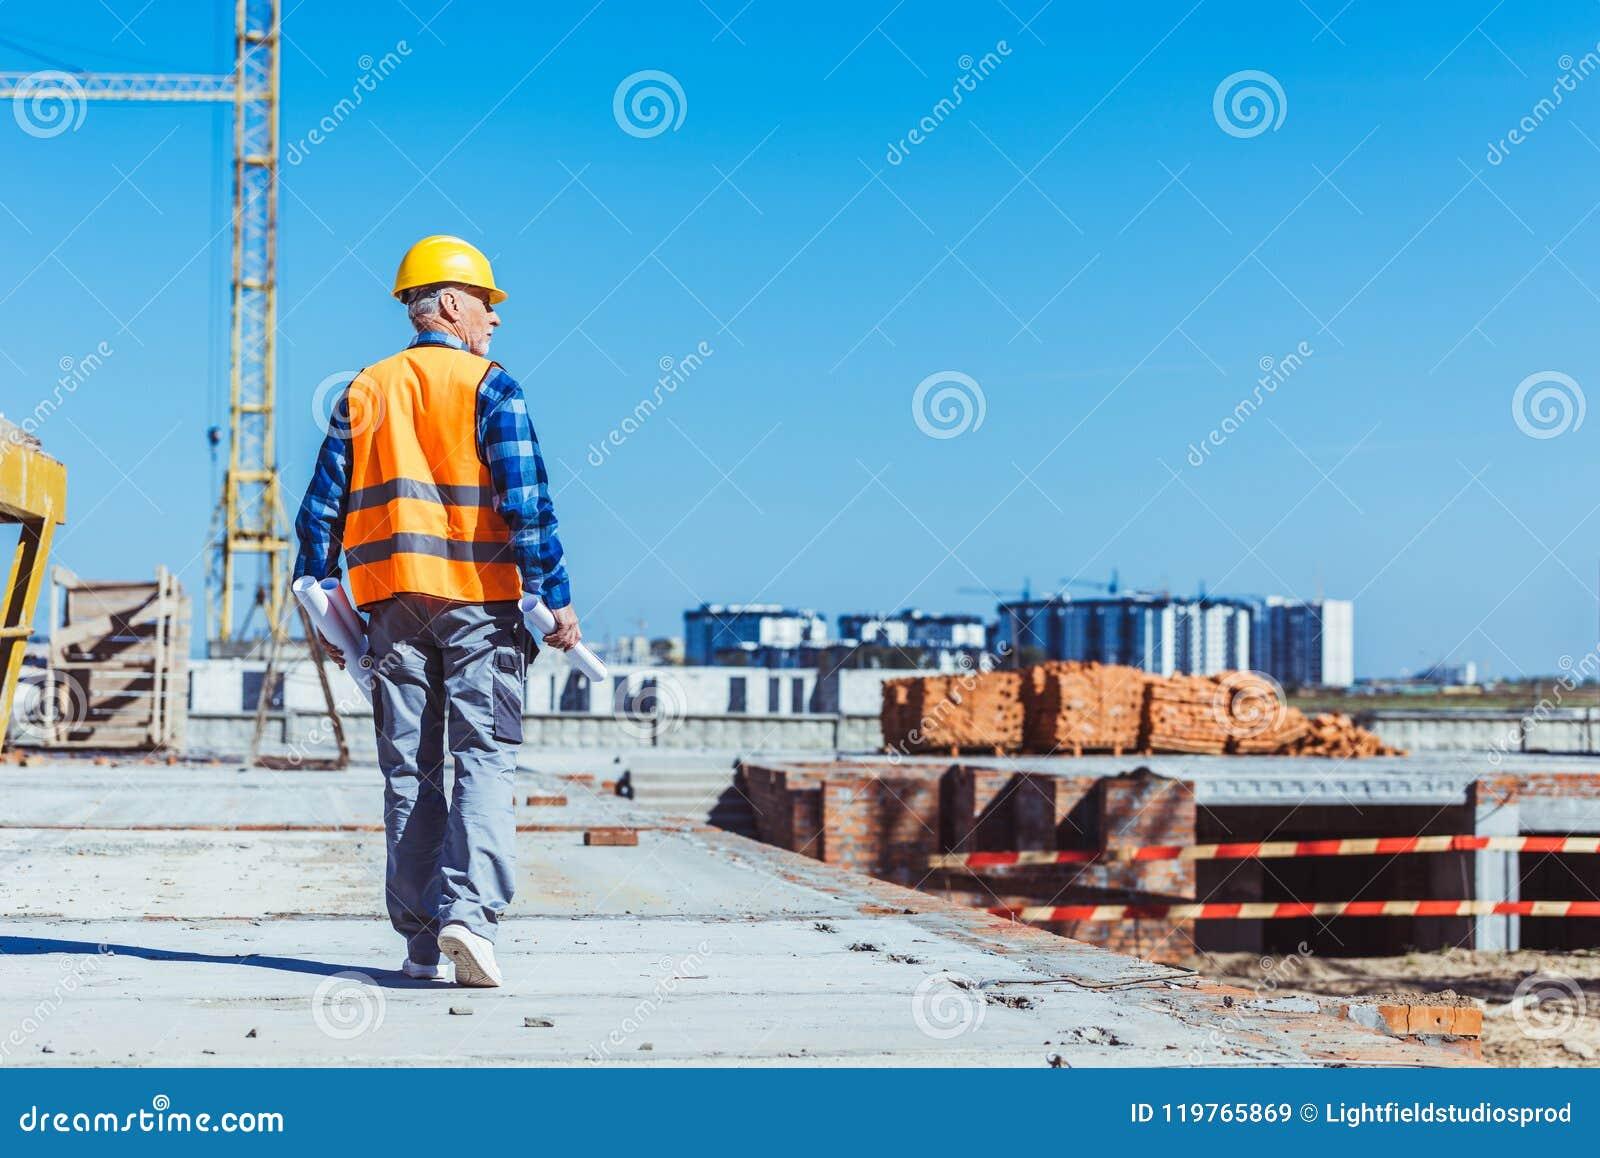 Byggmästare i reflekterande väst och hardhat som går över en konstruktionsplats med rullar av plan